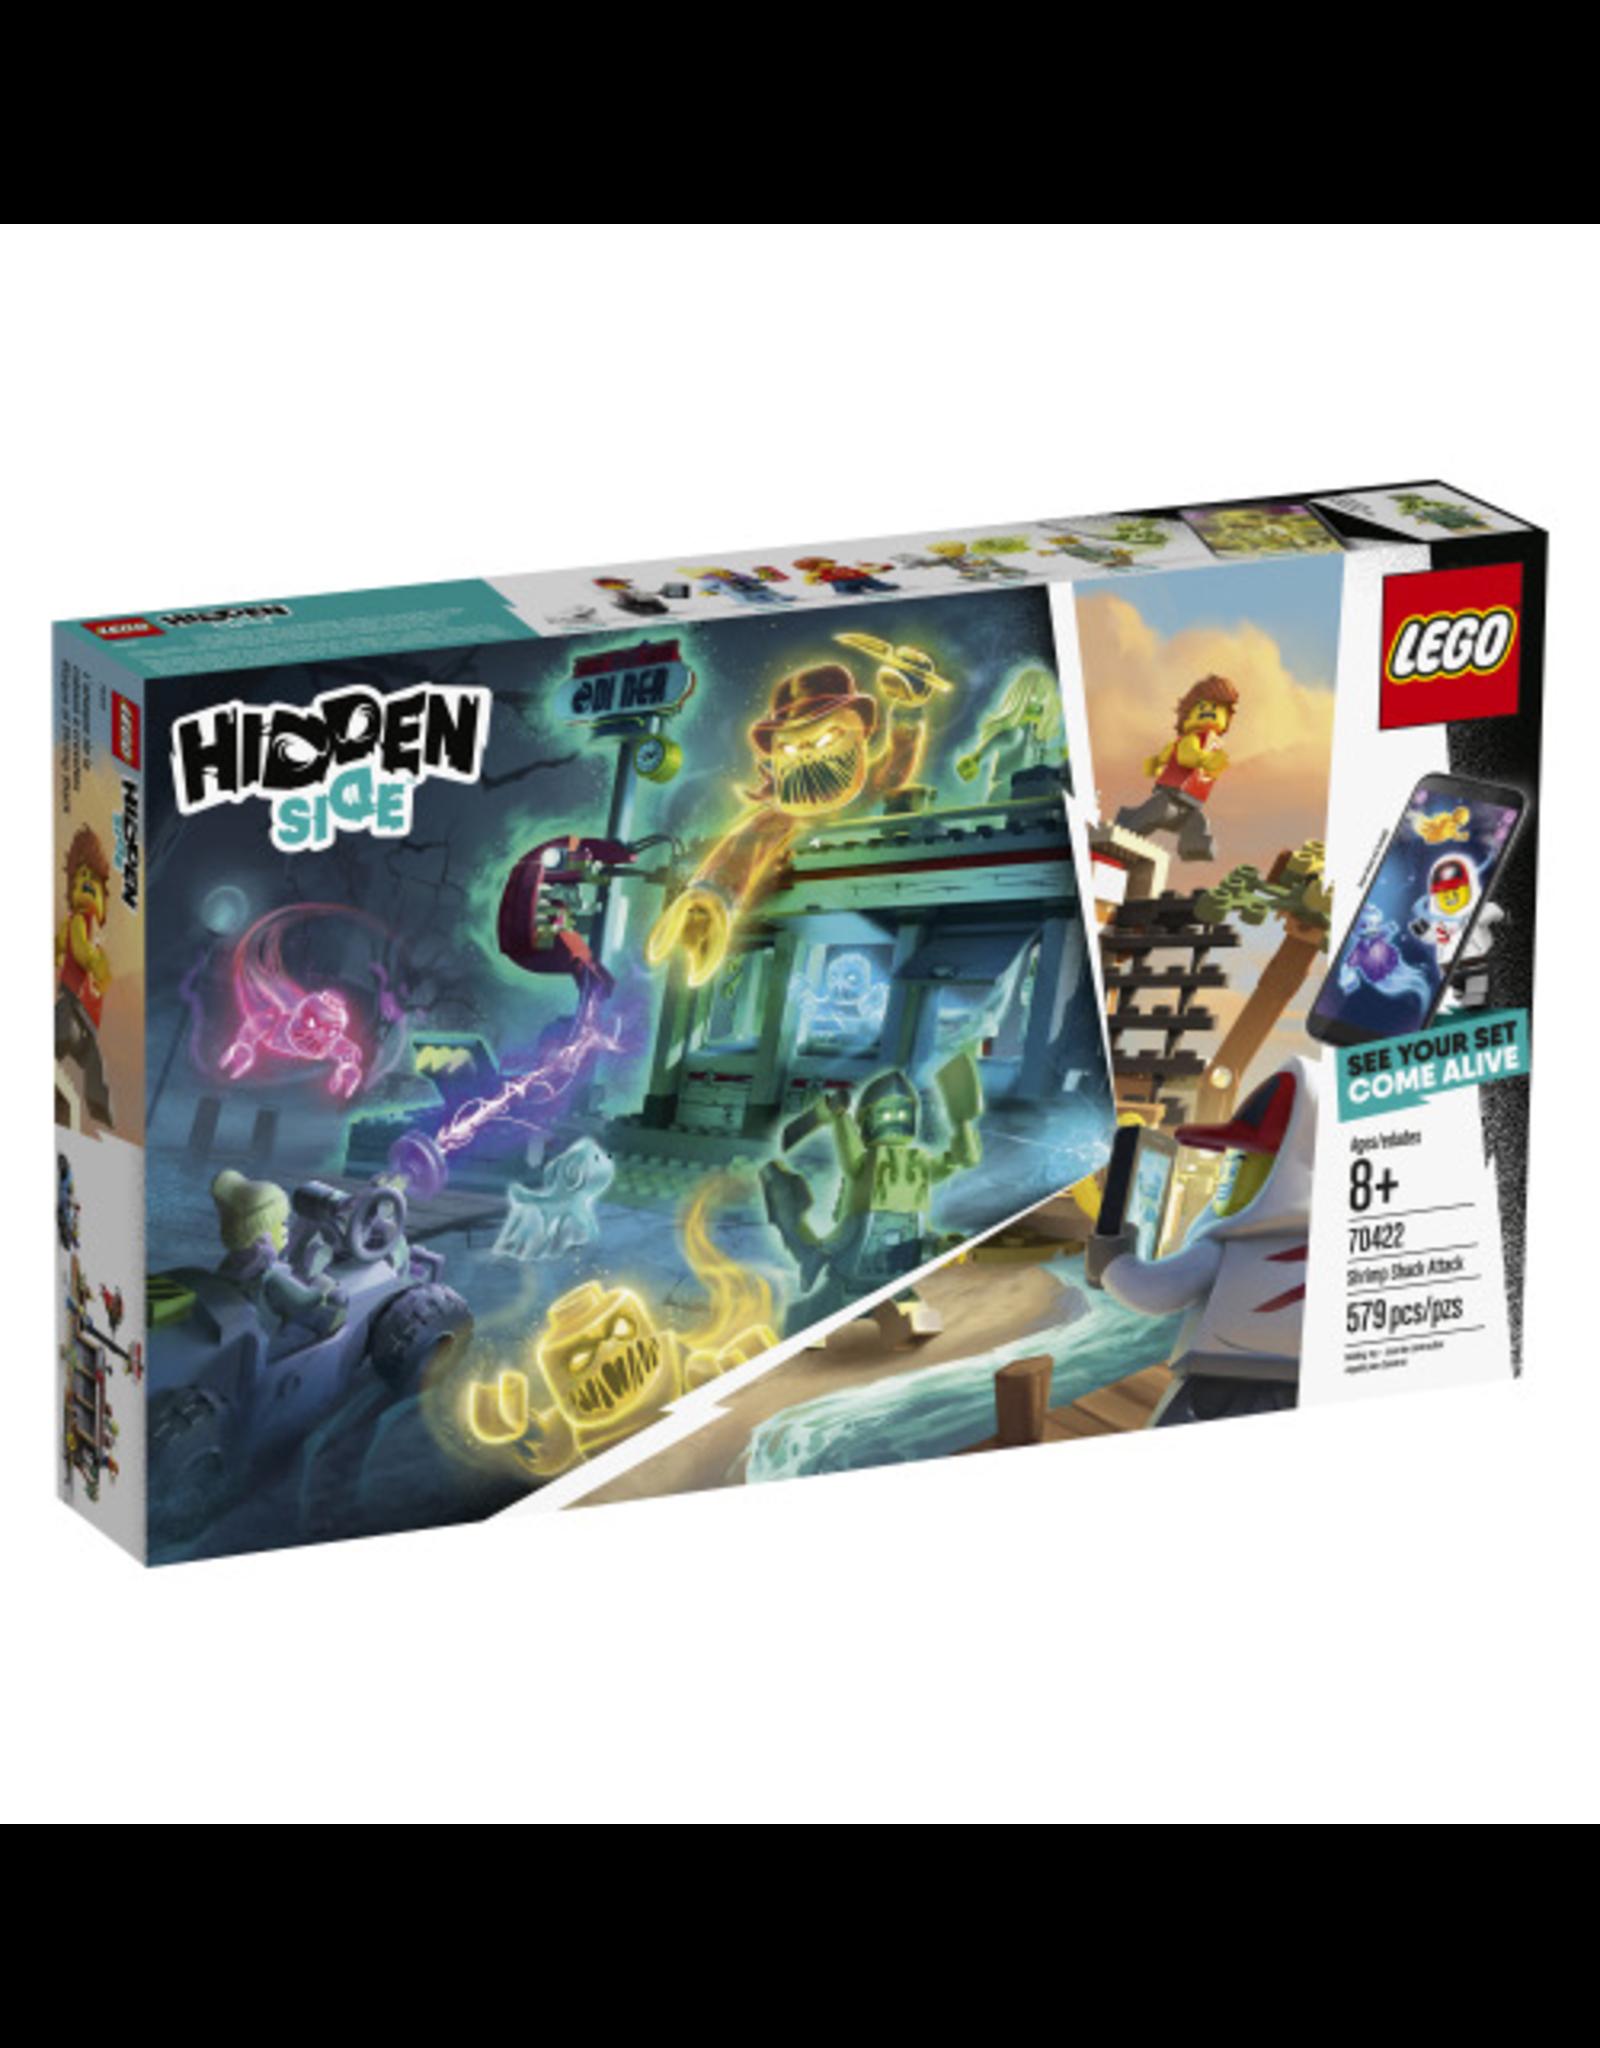 LEGO Hidden Side - 70422 Shrimp Shack Attack